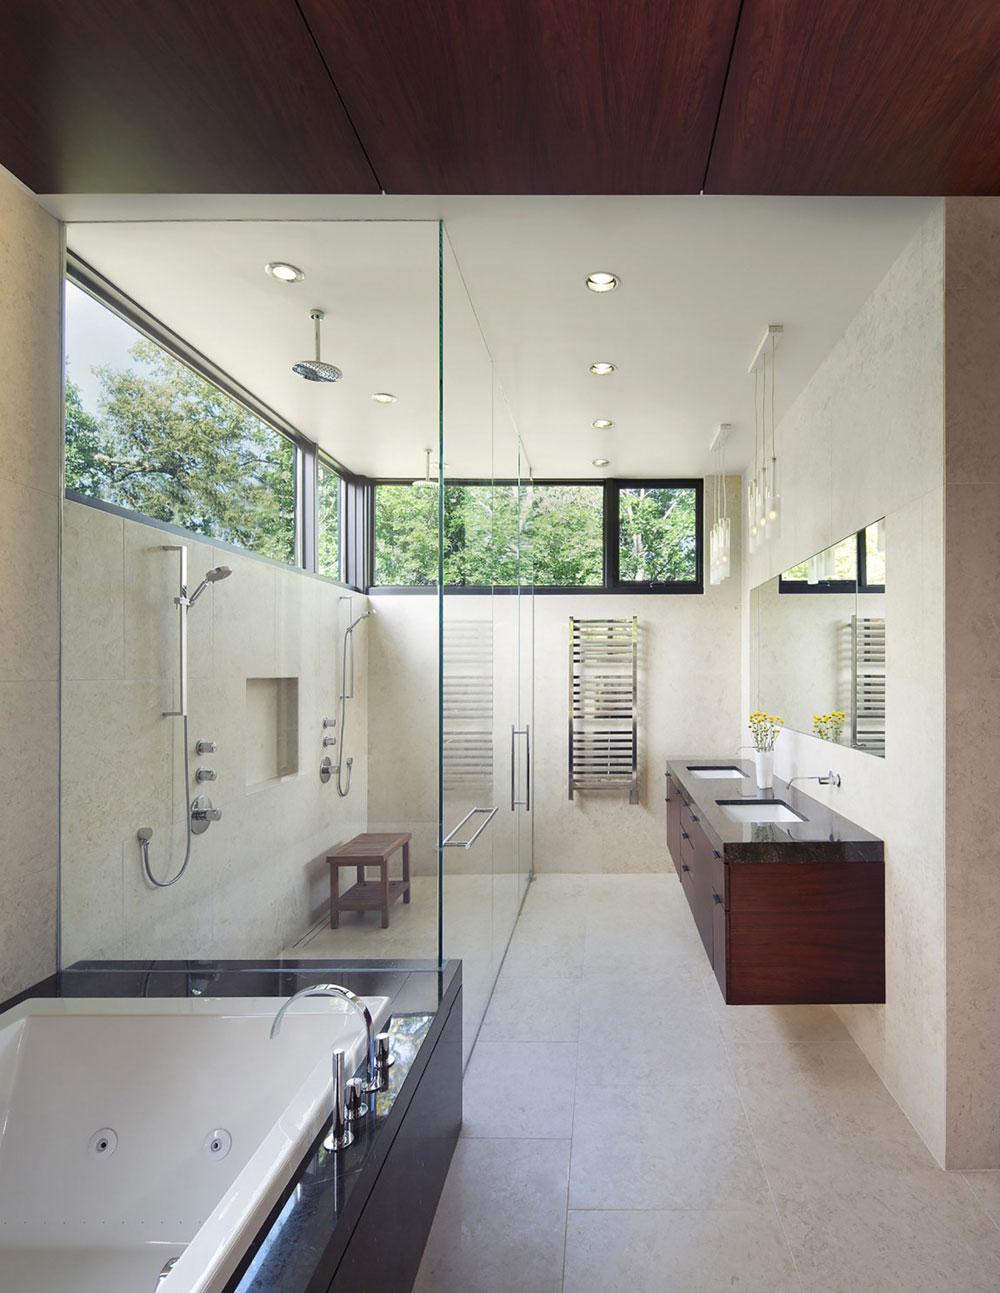 Heminredning-design-badrum-idéer-att-skapa-något-nytt-och-annorlunda-3 heminredning badrum-idéer för att skapa något nytt och annorlunda